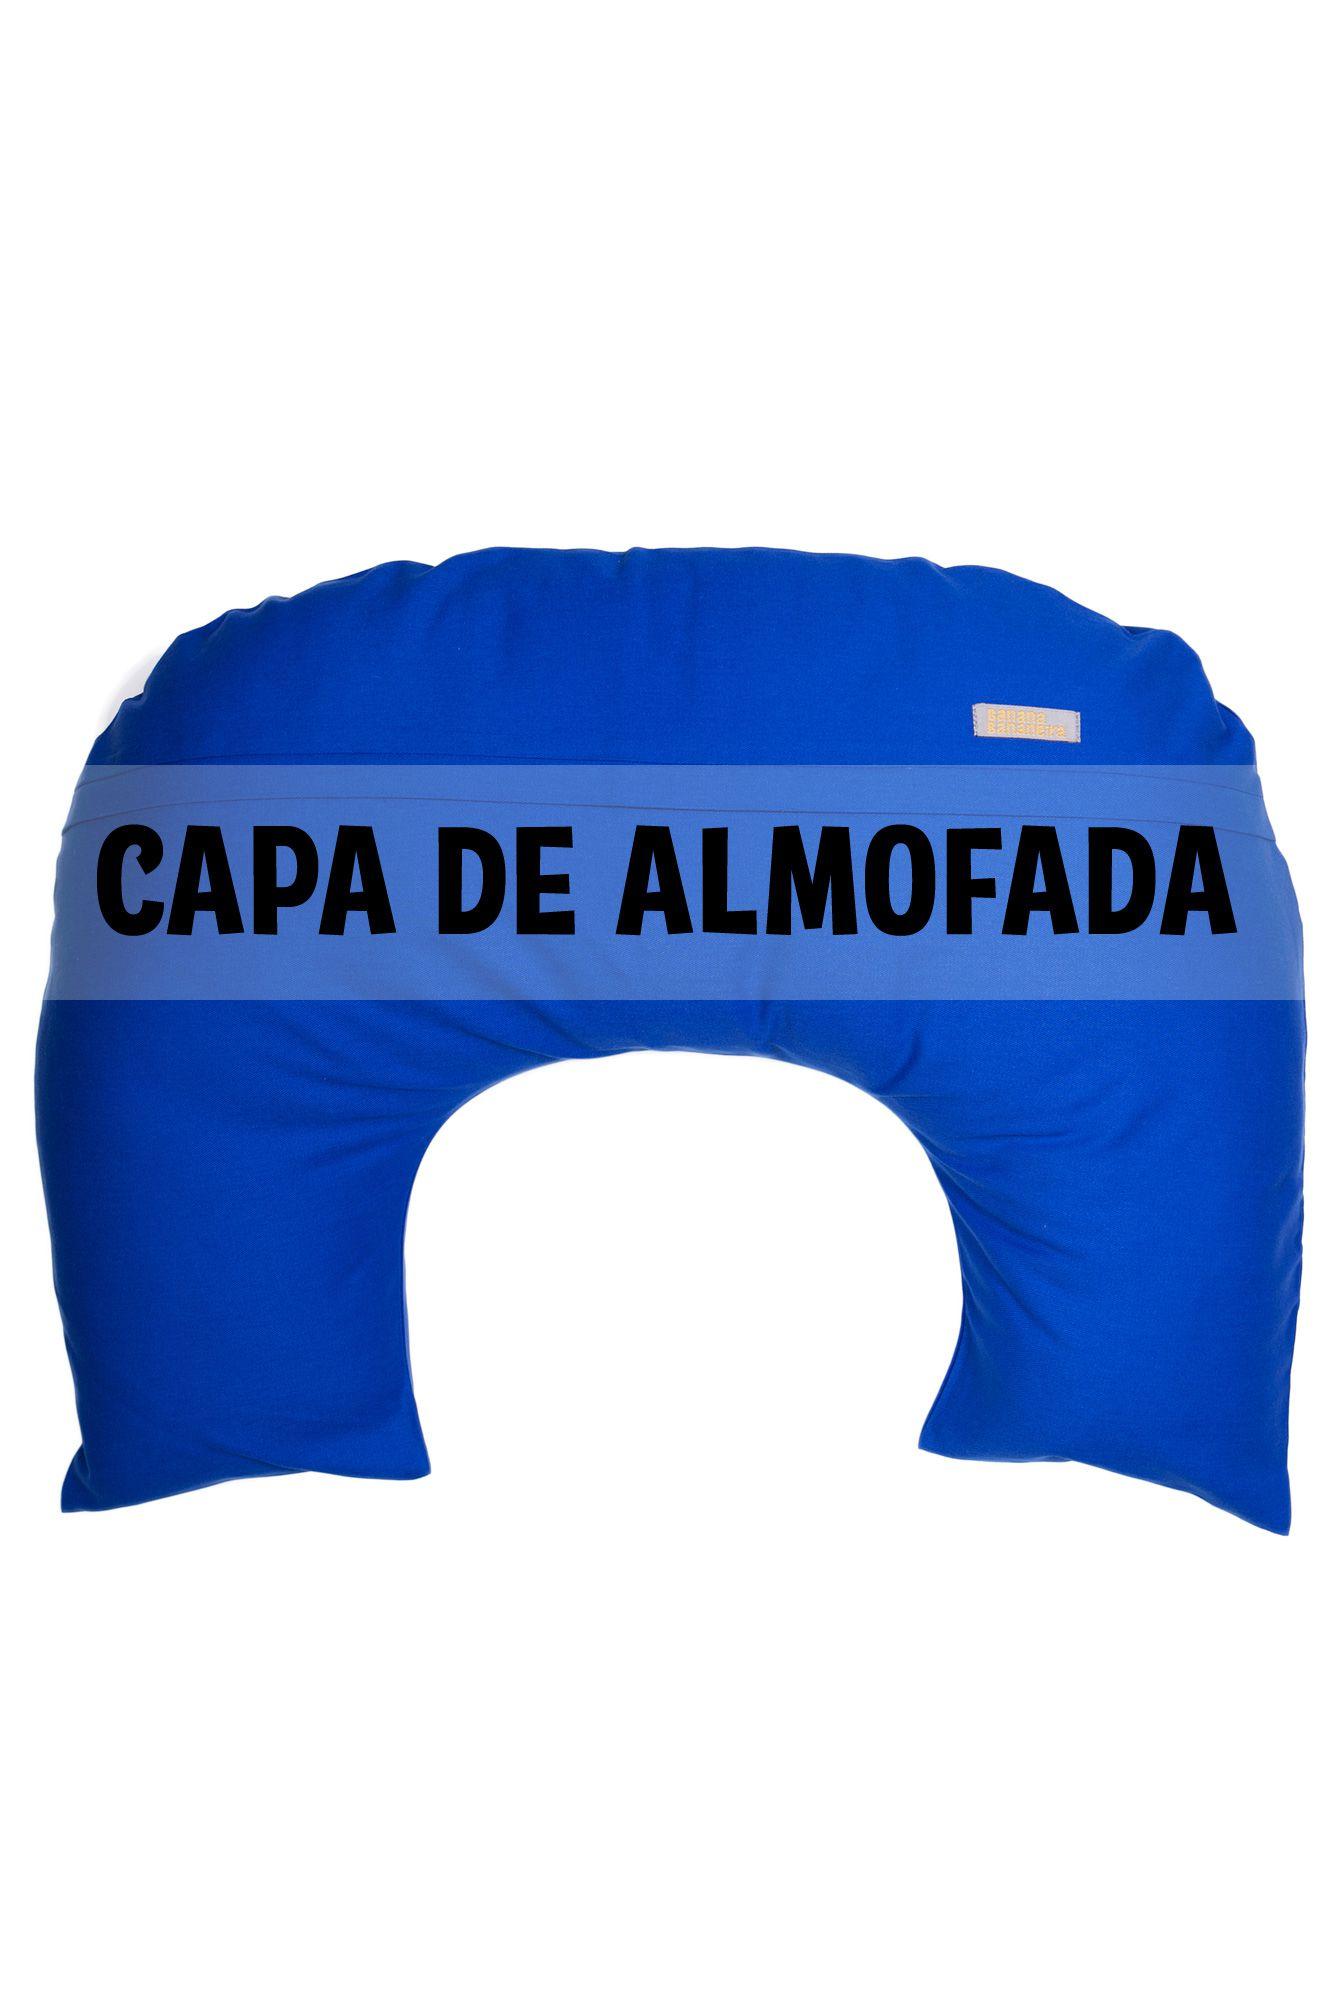 Capa de almofada de amamentação azul royal